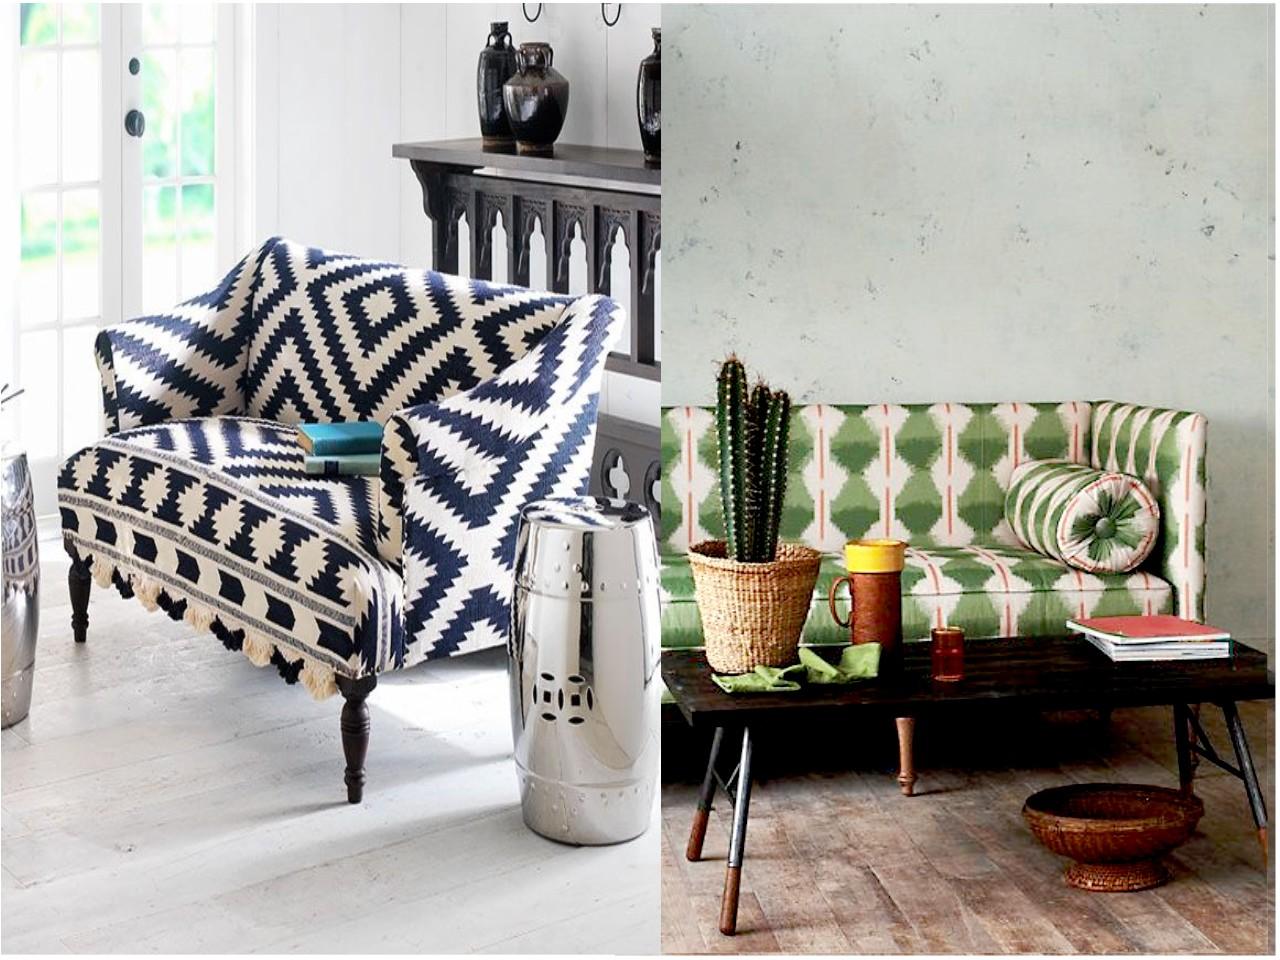 5 estampados originales que no debes perder de vista - Muebles originales madrid ...